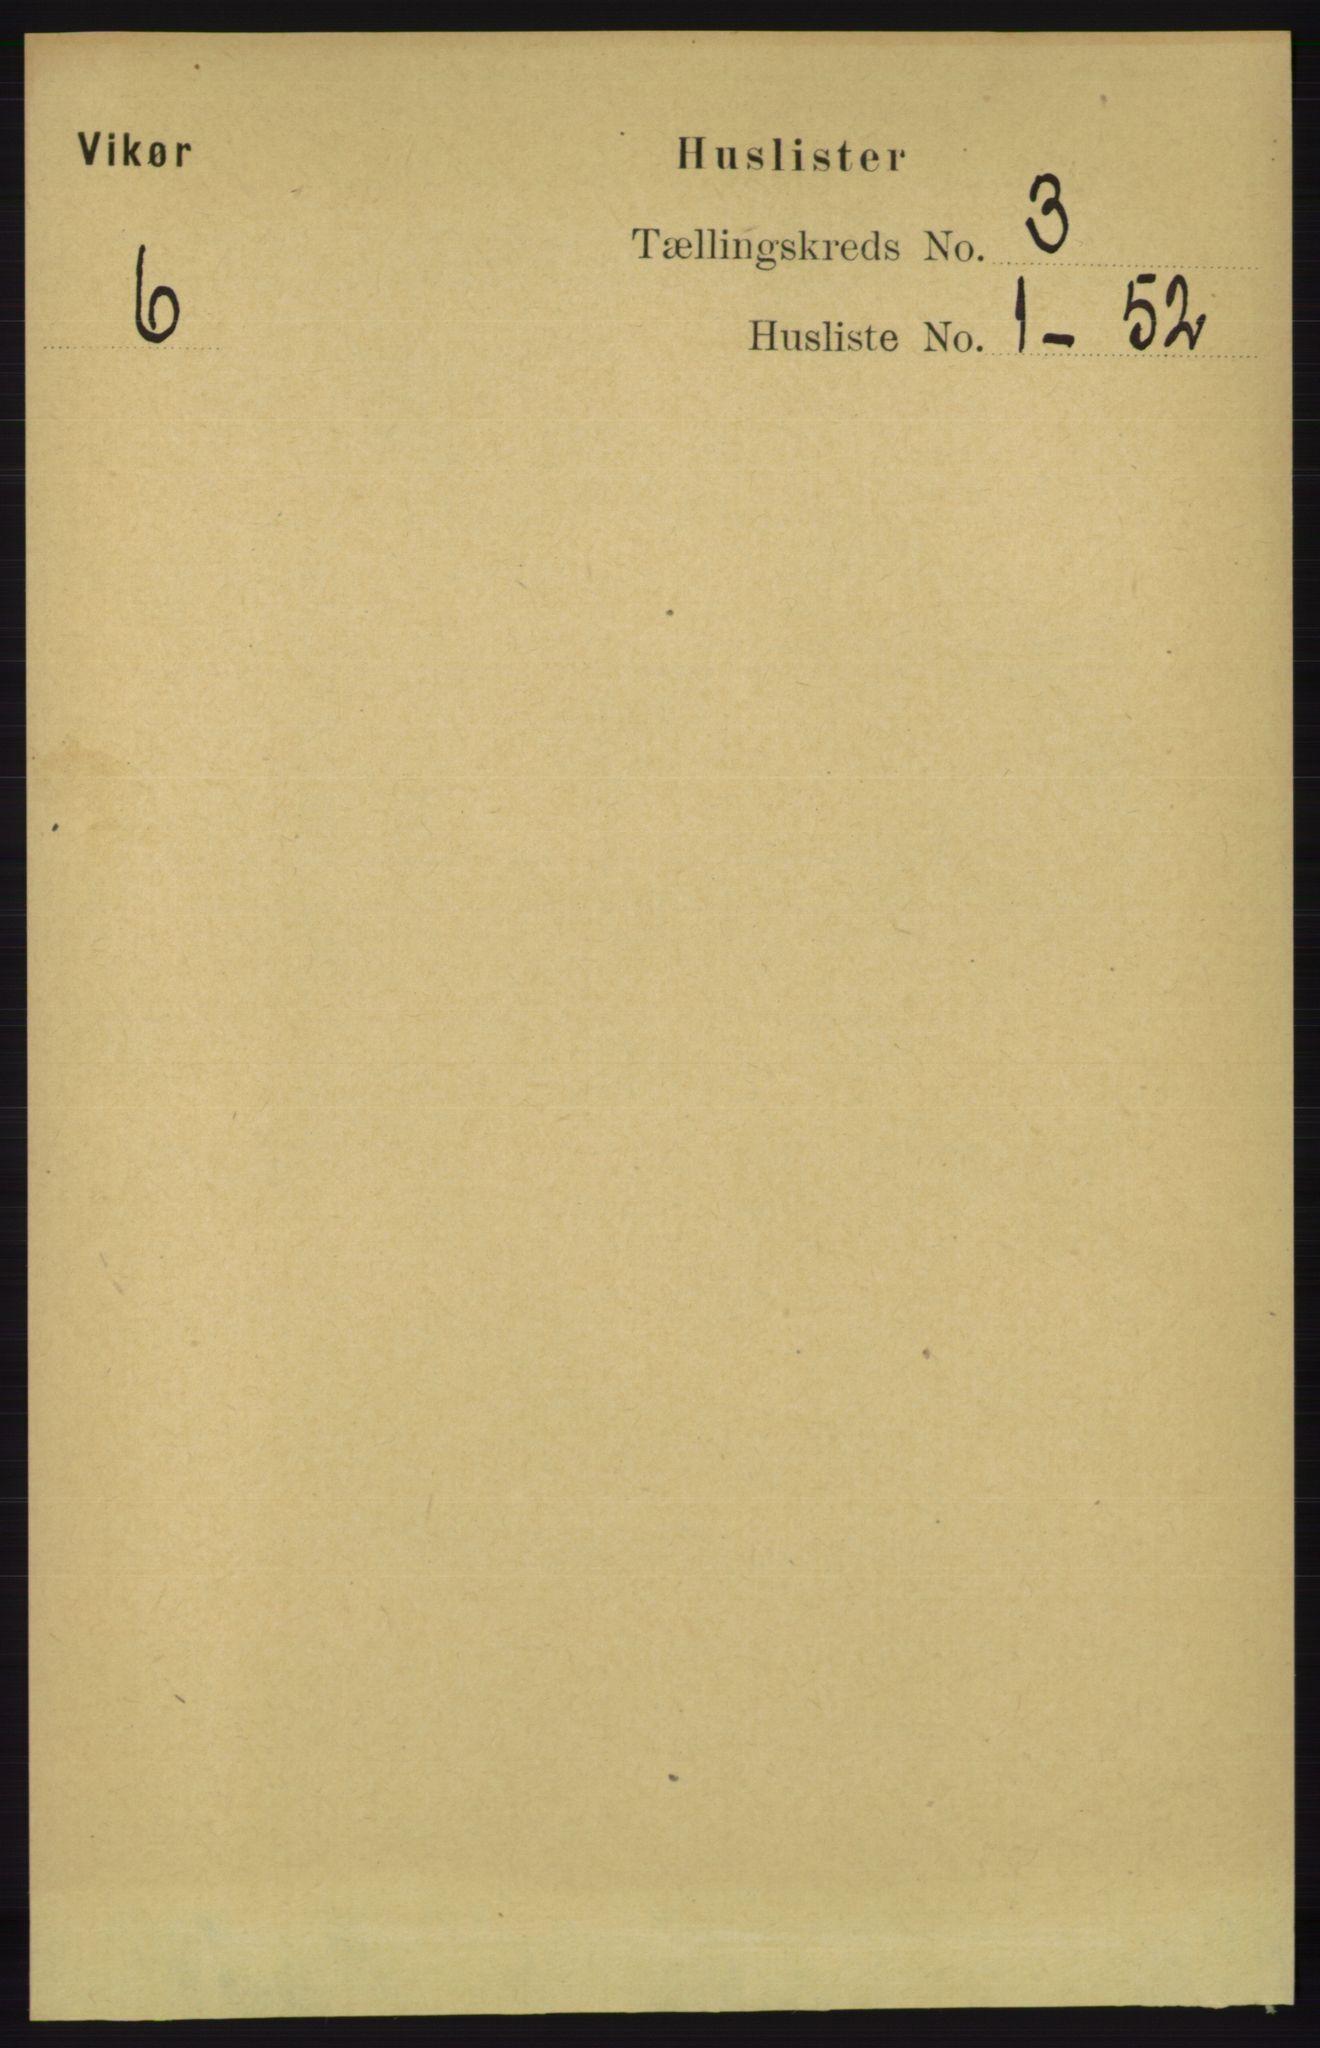 RA, Folketelling 1891 for 1238 Vikør herred, 1891, s. 692